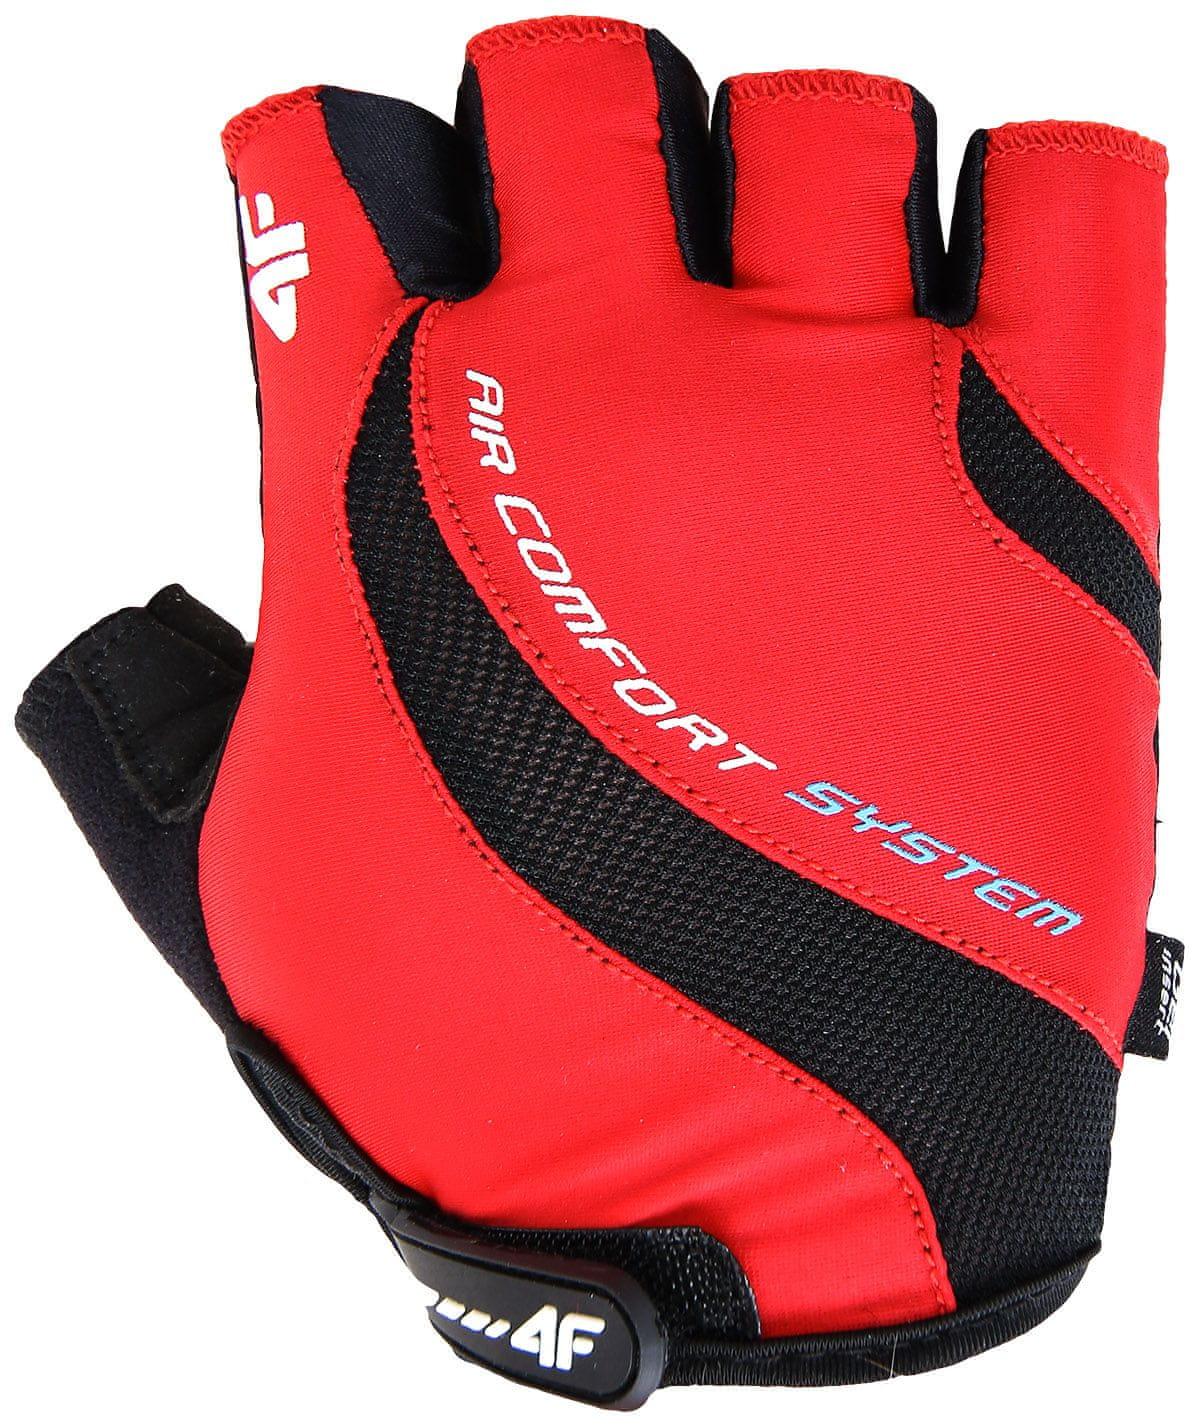 4F Rękawiczki rowerowe RRU002 czerwony, S (C4L15)